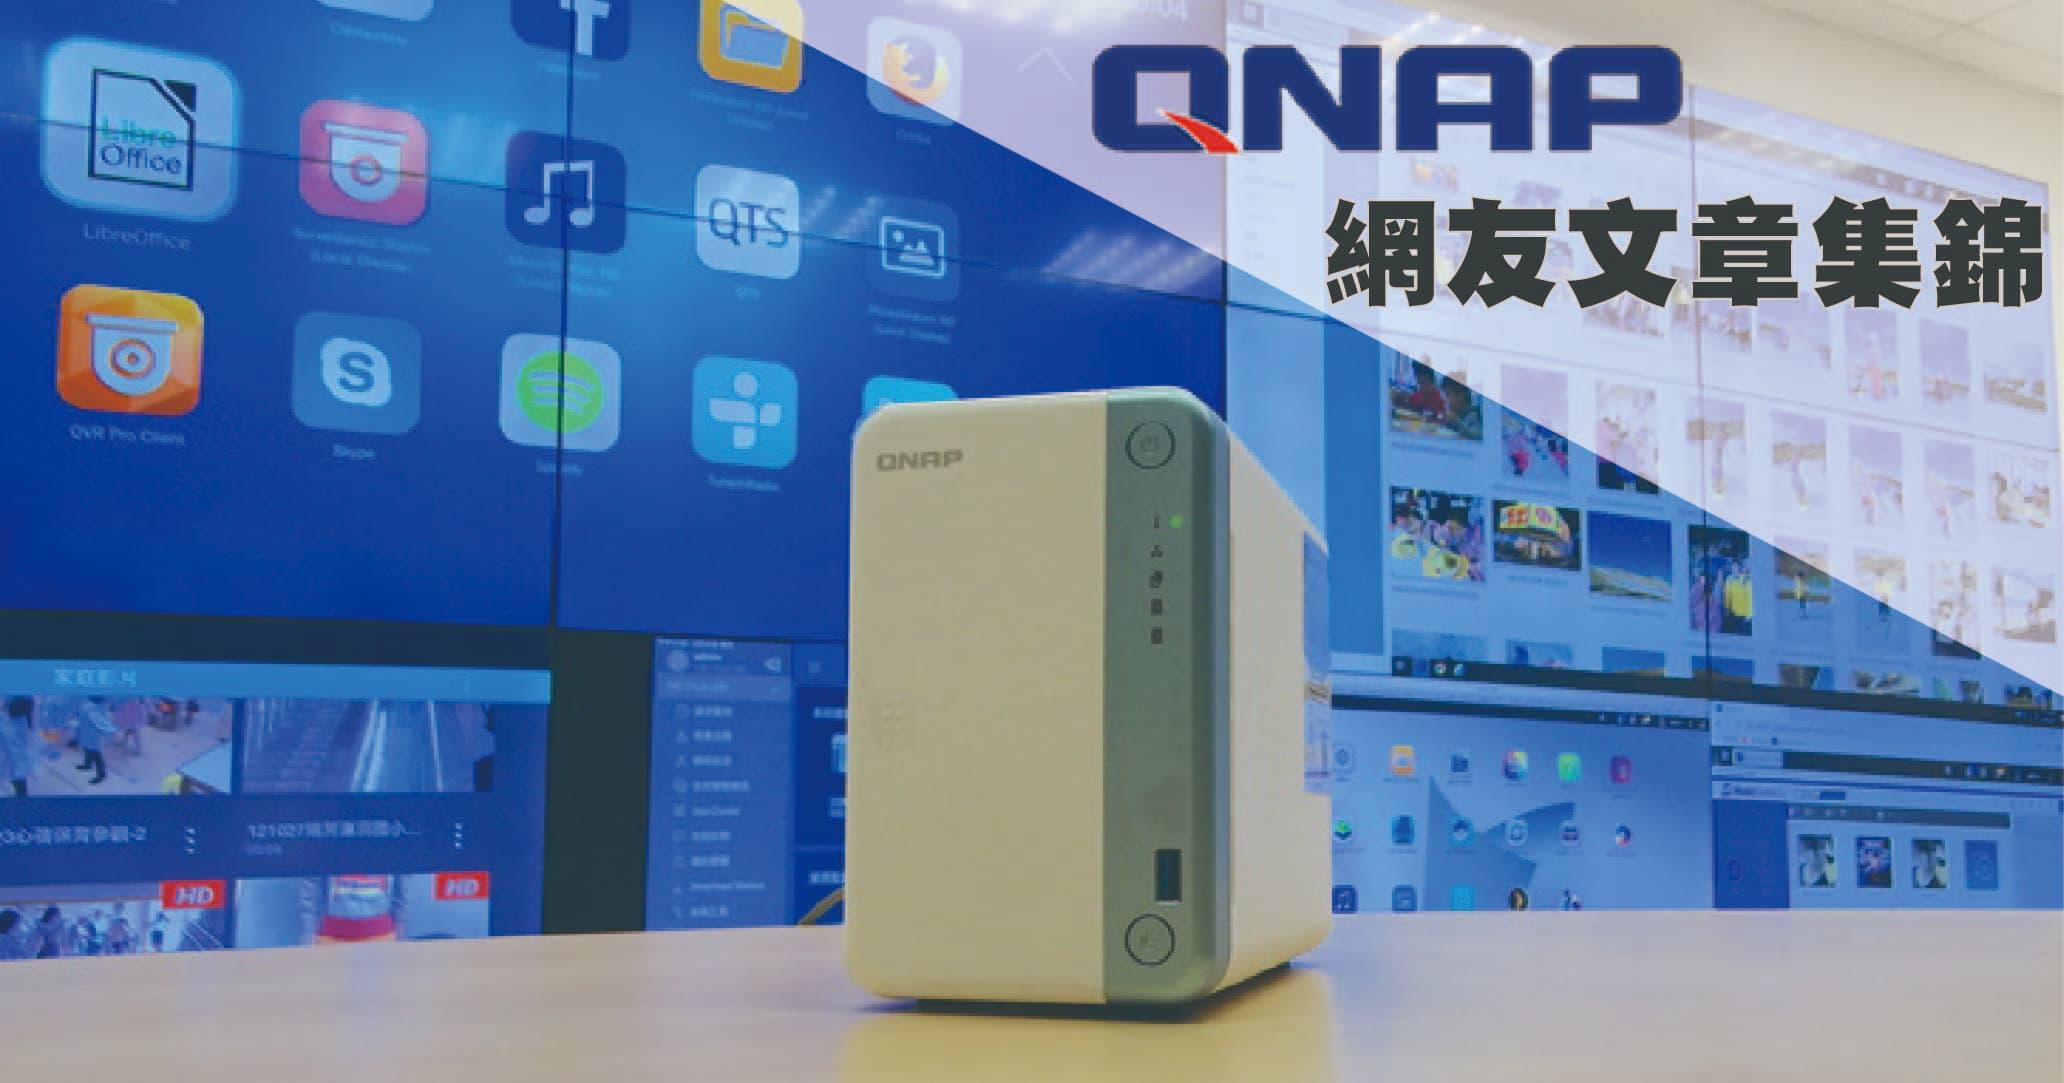 【網友體驗心得集錦】QNAP TS-251D 打造便捷居家雲空間